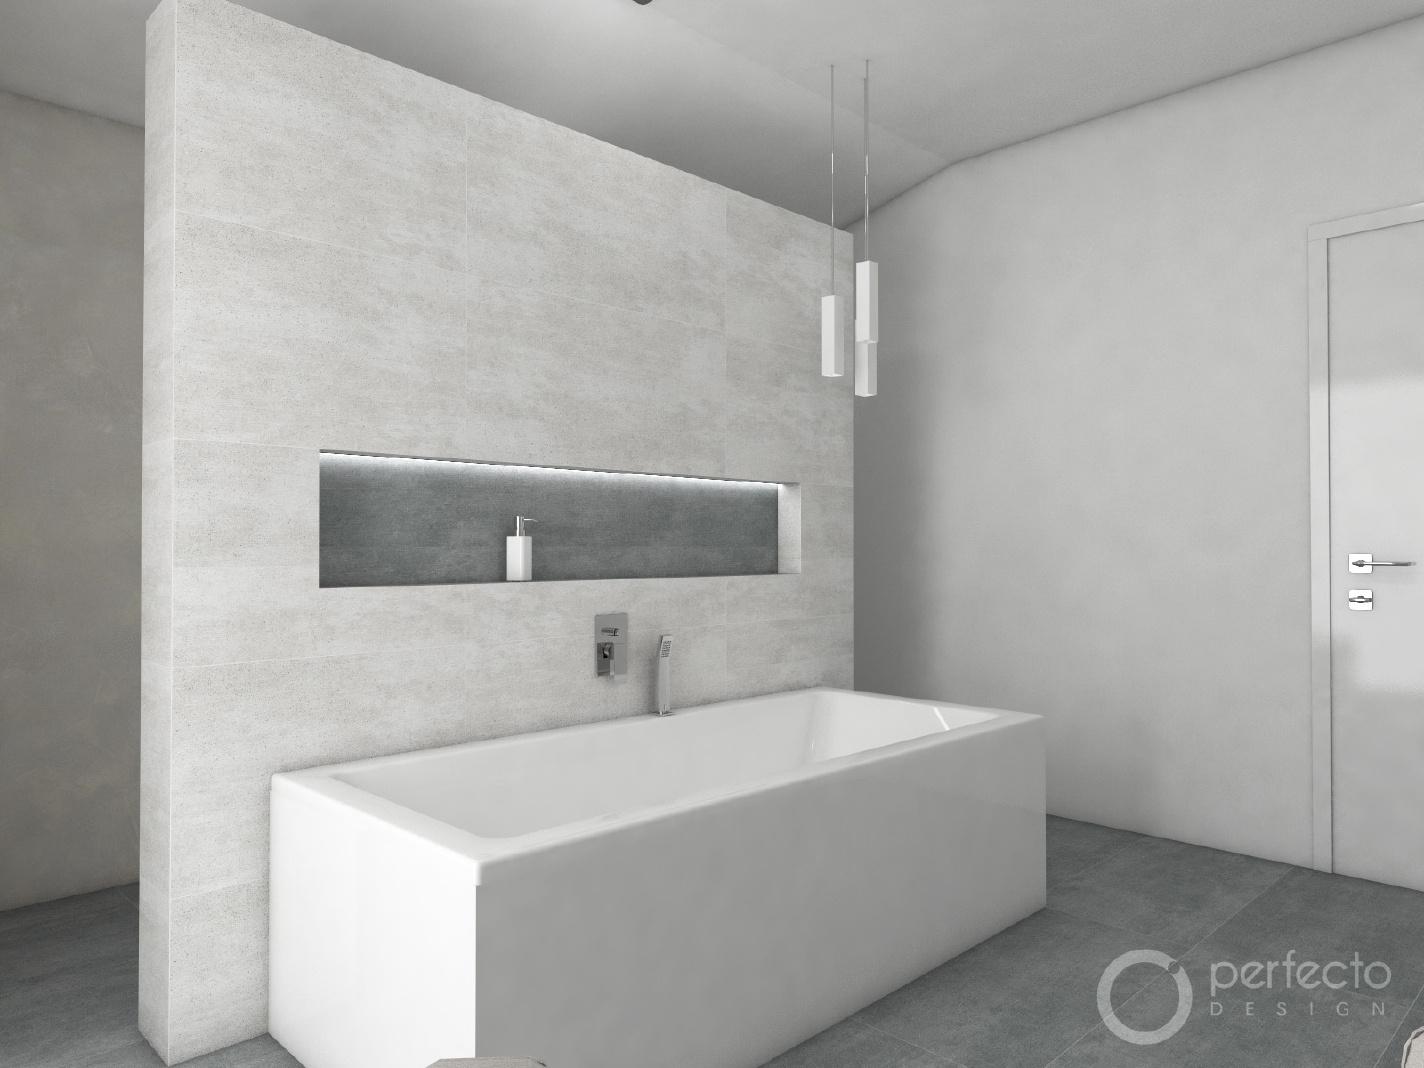 modernes badezimmer cashmere | perfecto design - Modernes Badezimmer